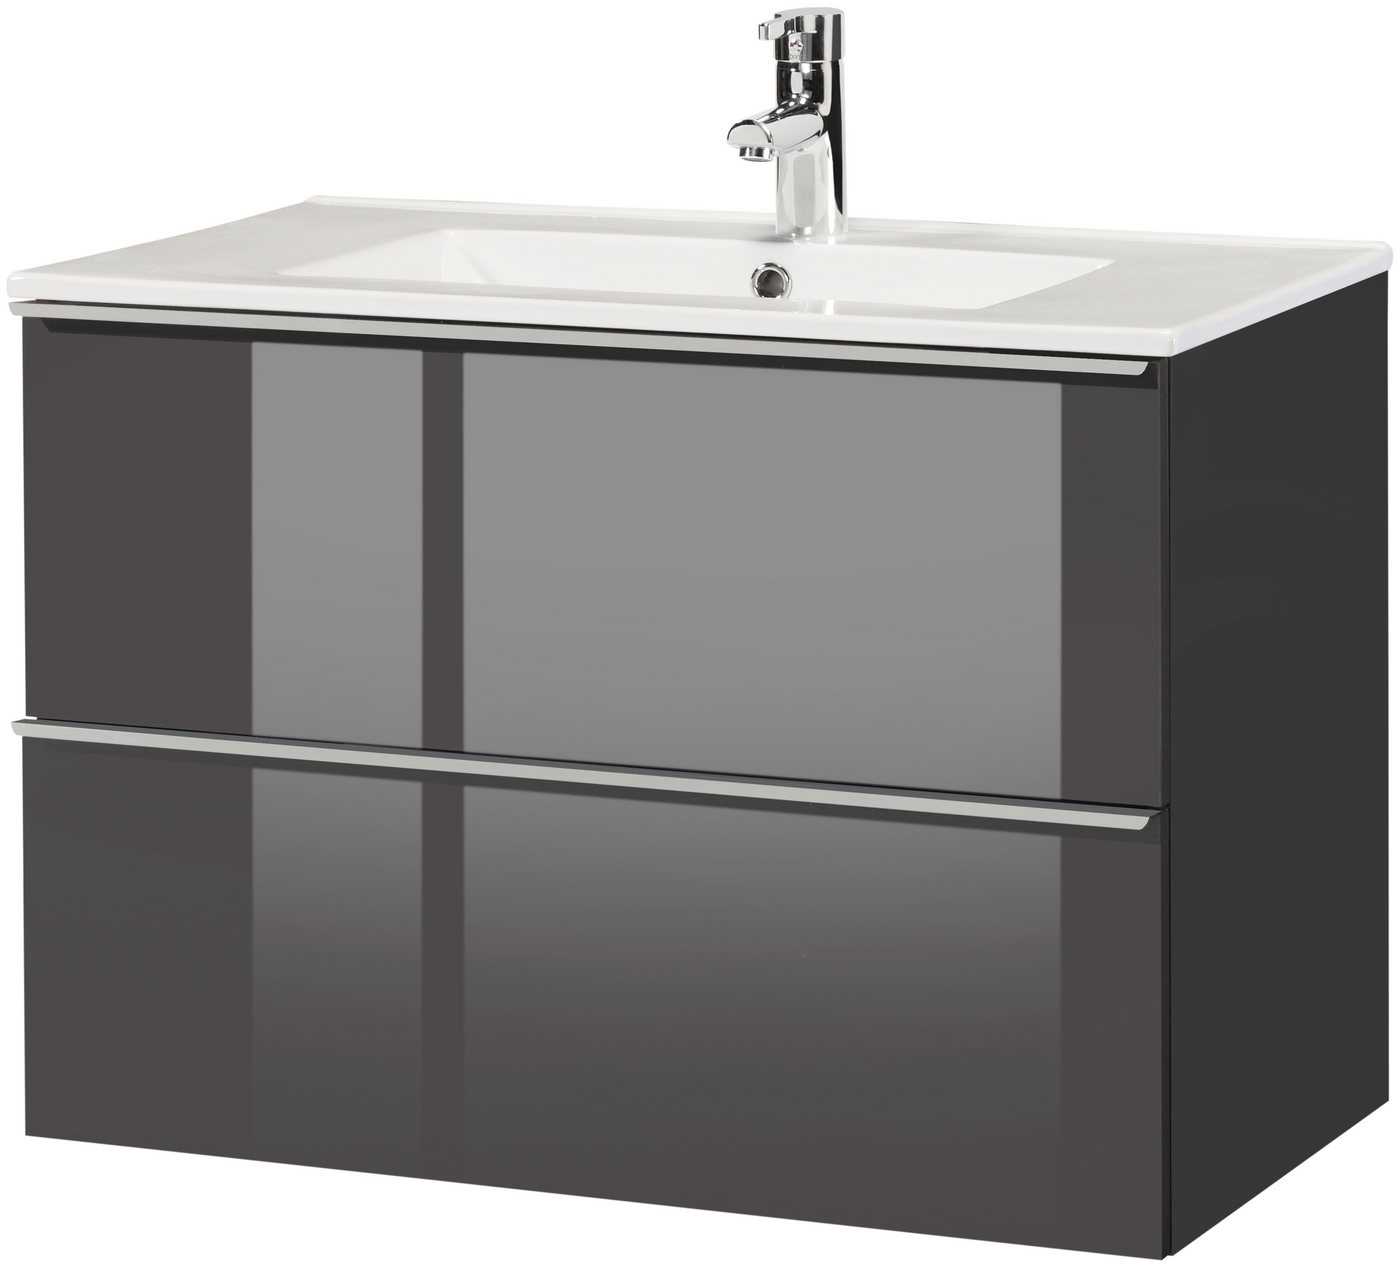 waschplatz 80 cm breit machen sie den preisvergleich bei. Black Bedroom Furniture Sets. Home Design Ideas